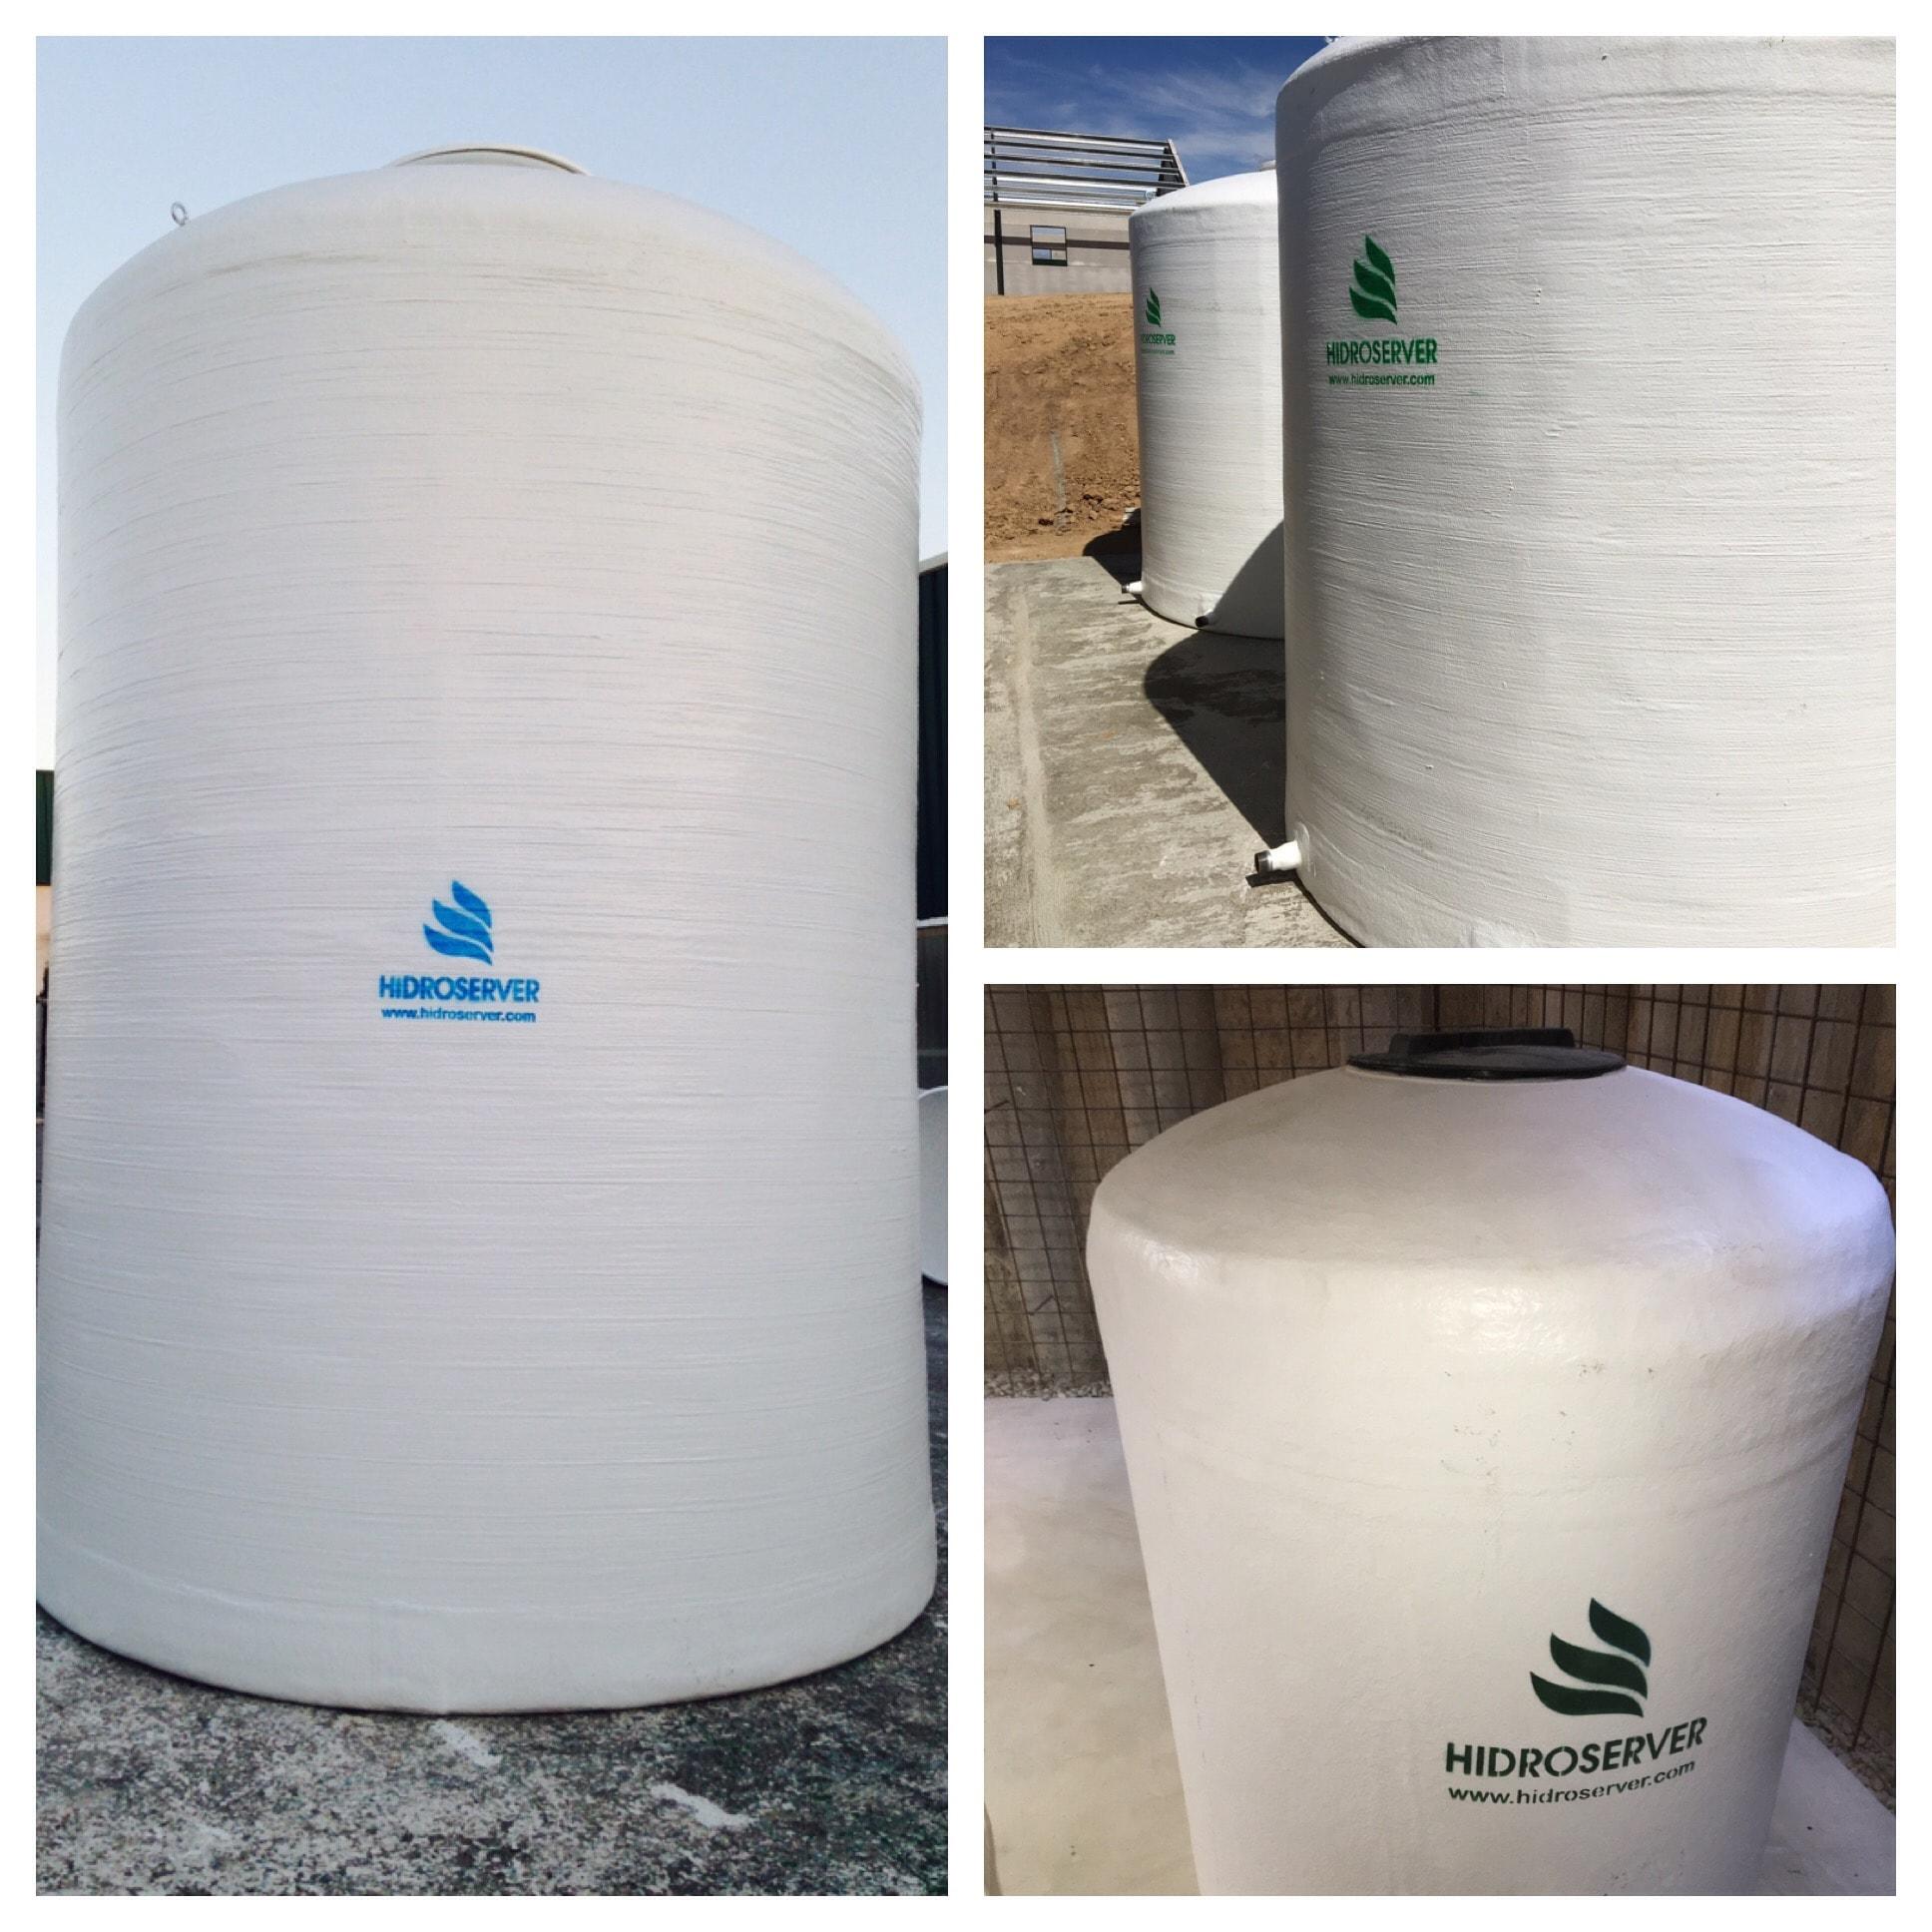 Venta depositos de agua hidroserver - Depositos de agua potable precios ...